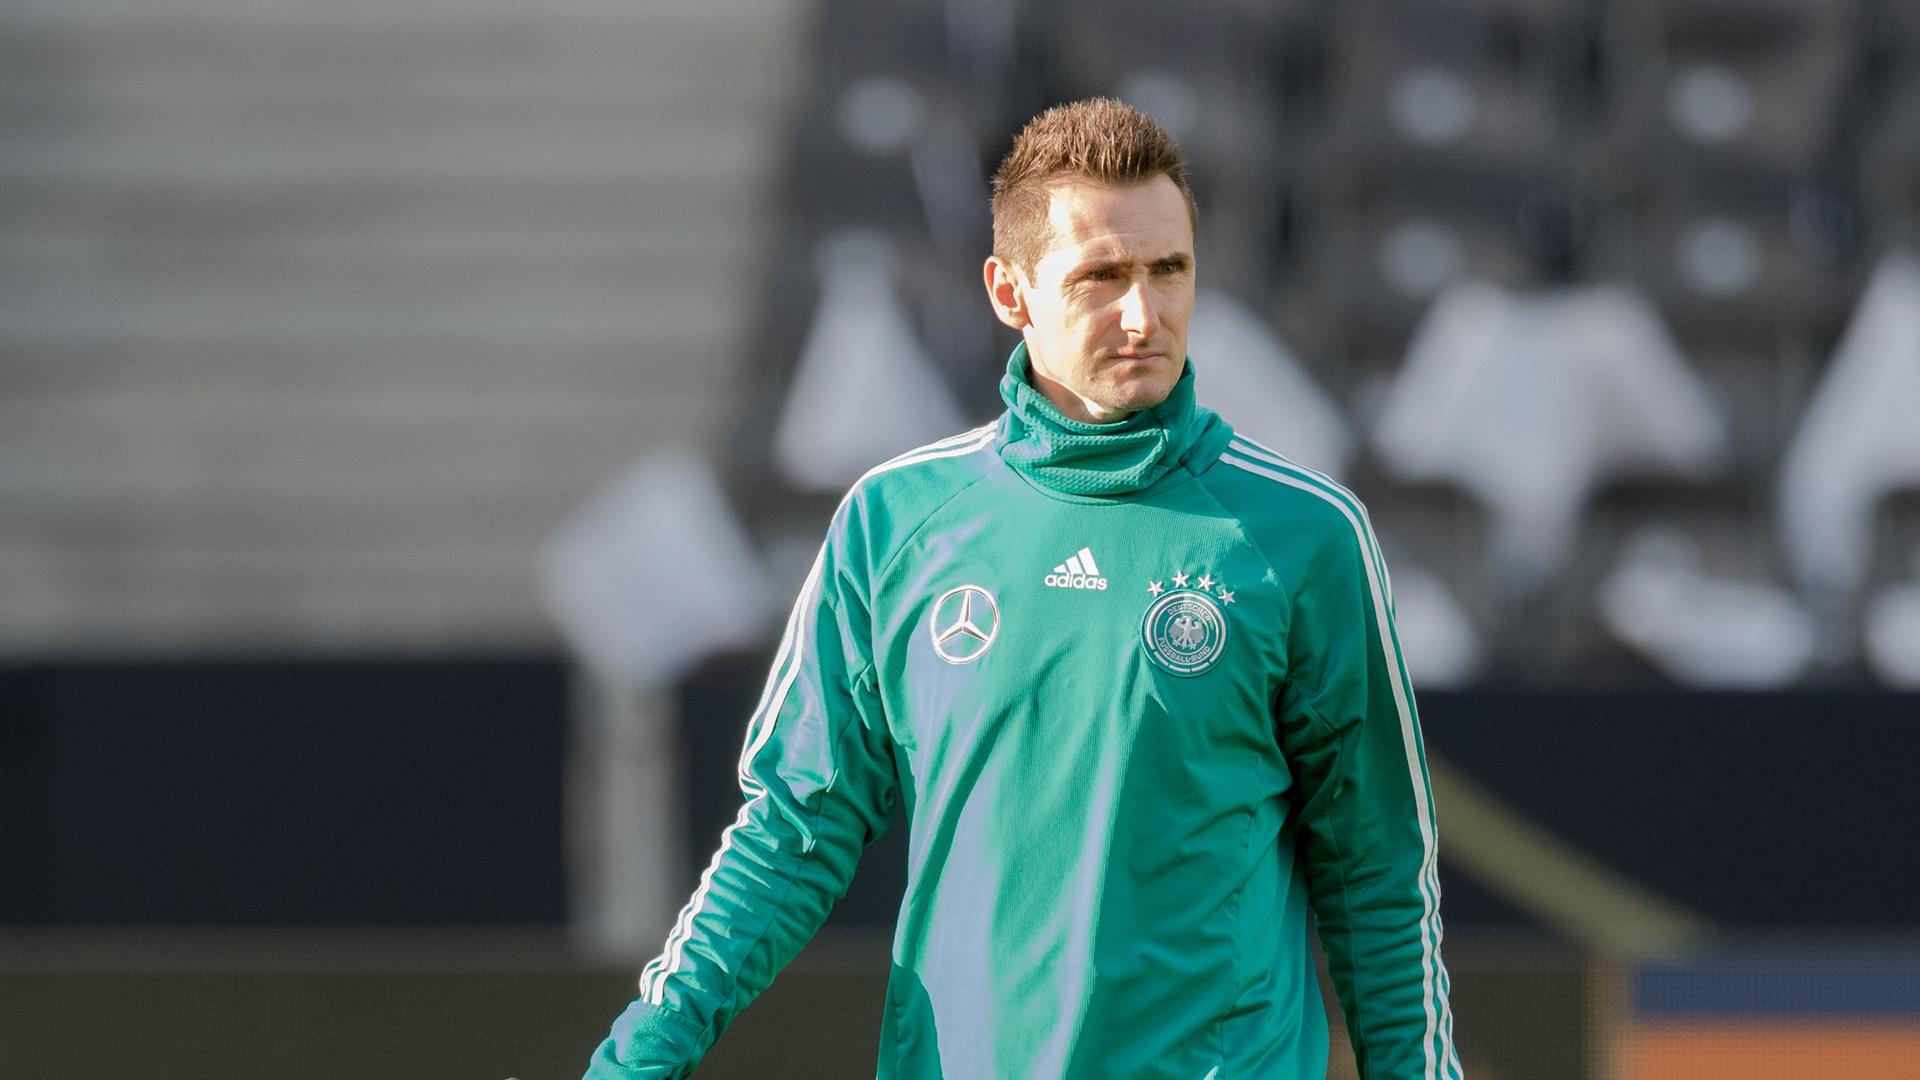 Salihamidzic bestätigt Kontakt: Klose soll Jugendtrainer bei Bayern München werden